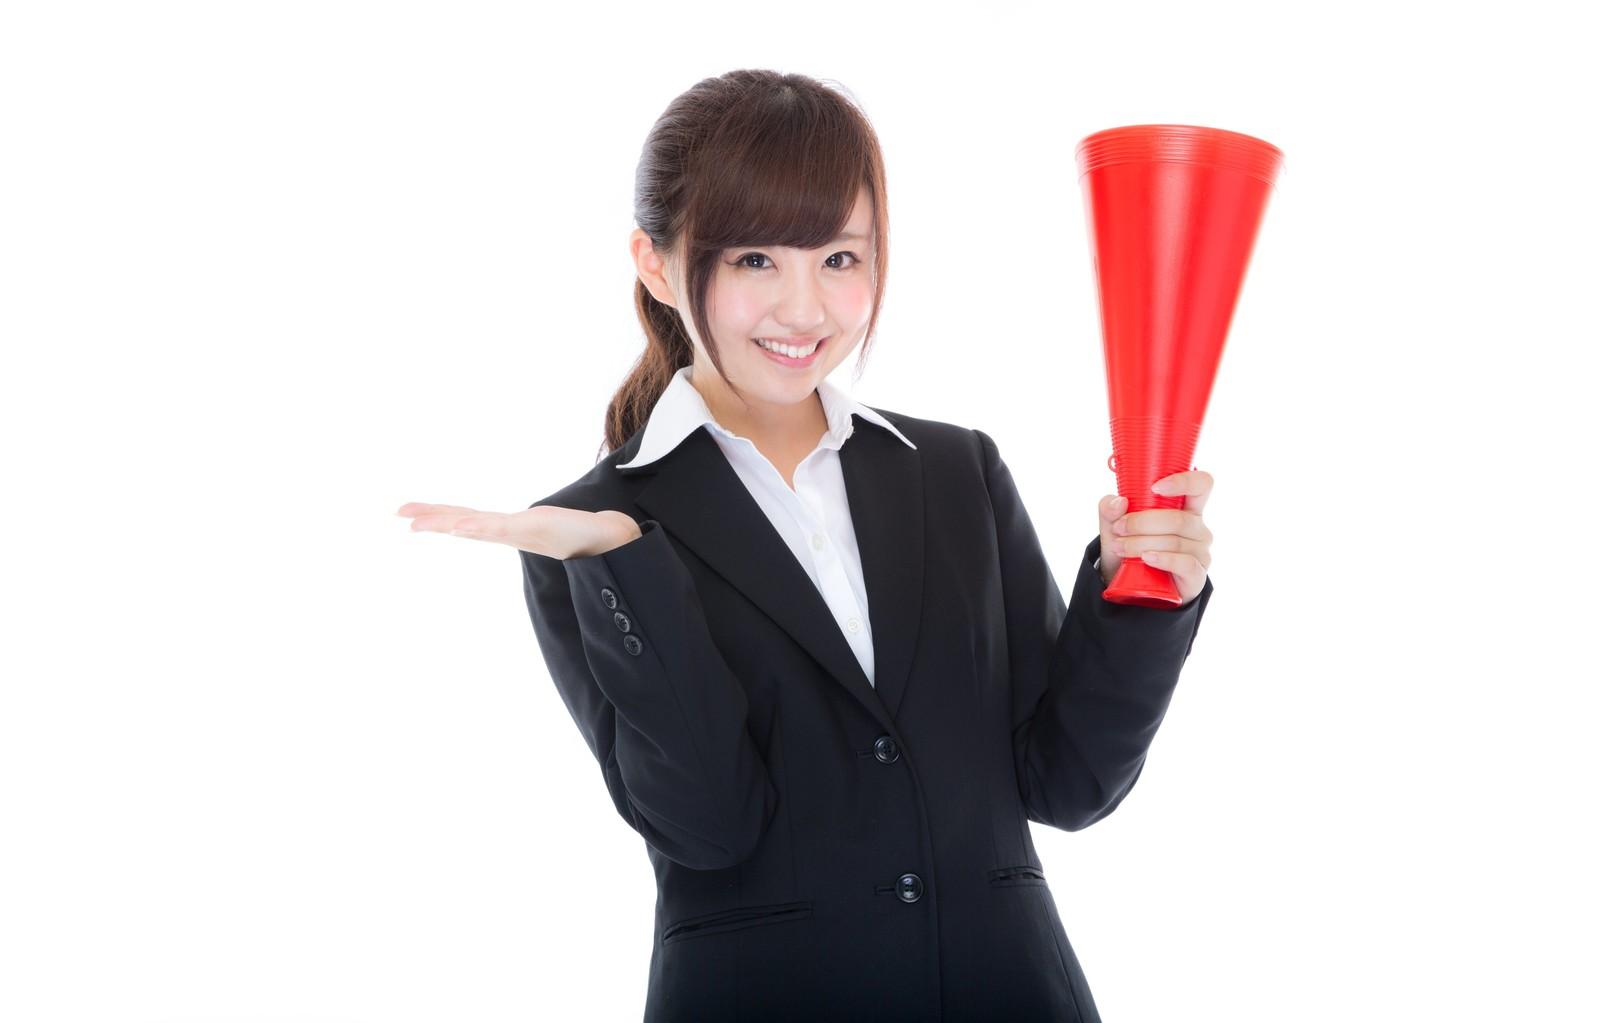 YUKA862 megahon15203358 TP V - これさえできれば夢や目標は叶う!たった1つの誰でも持っている夢を叶える力!